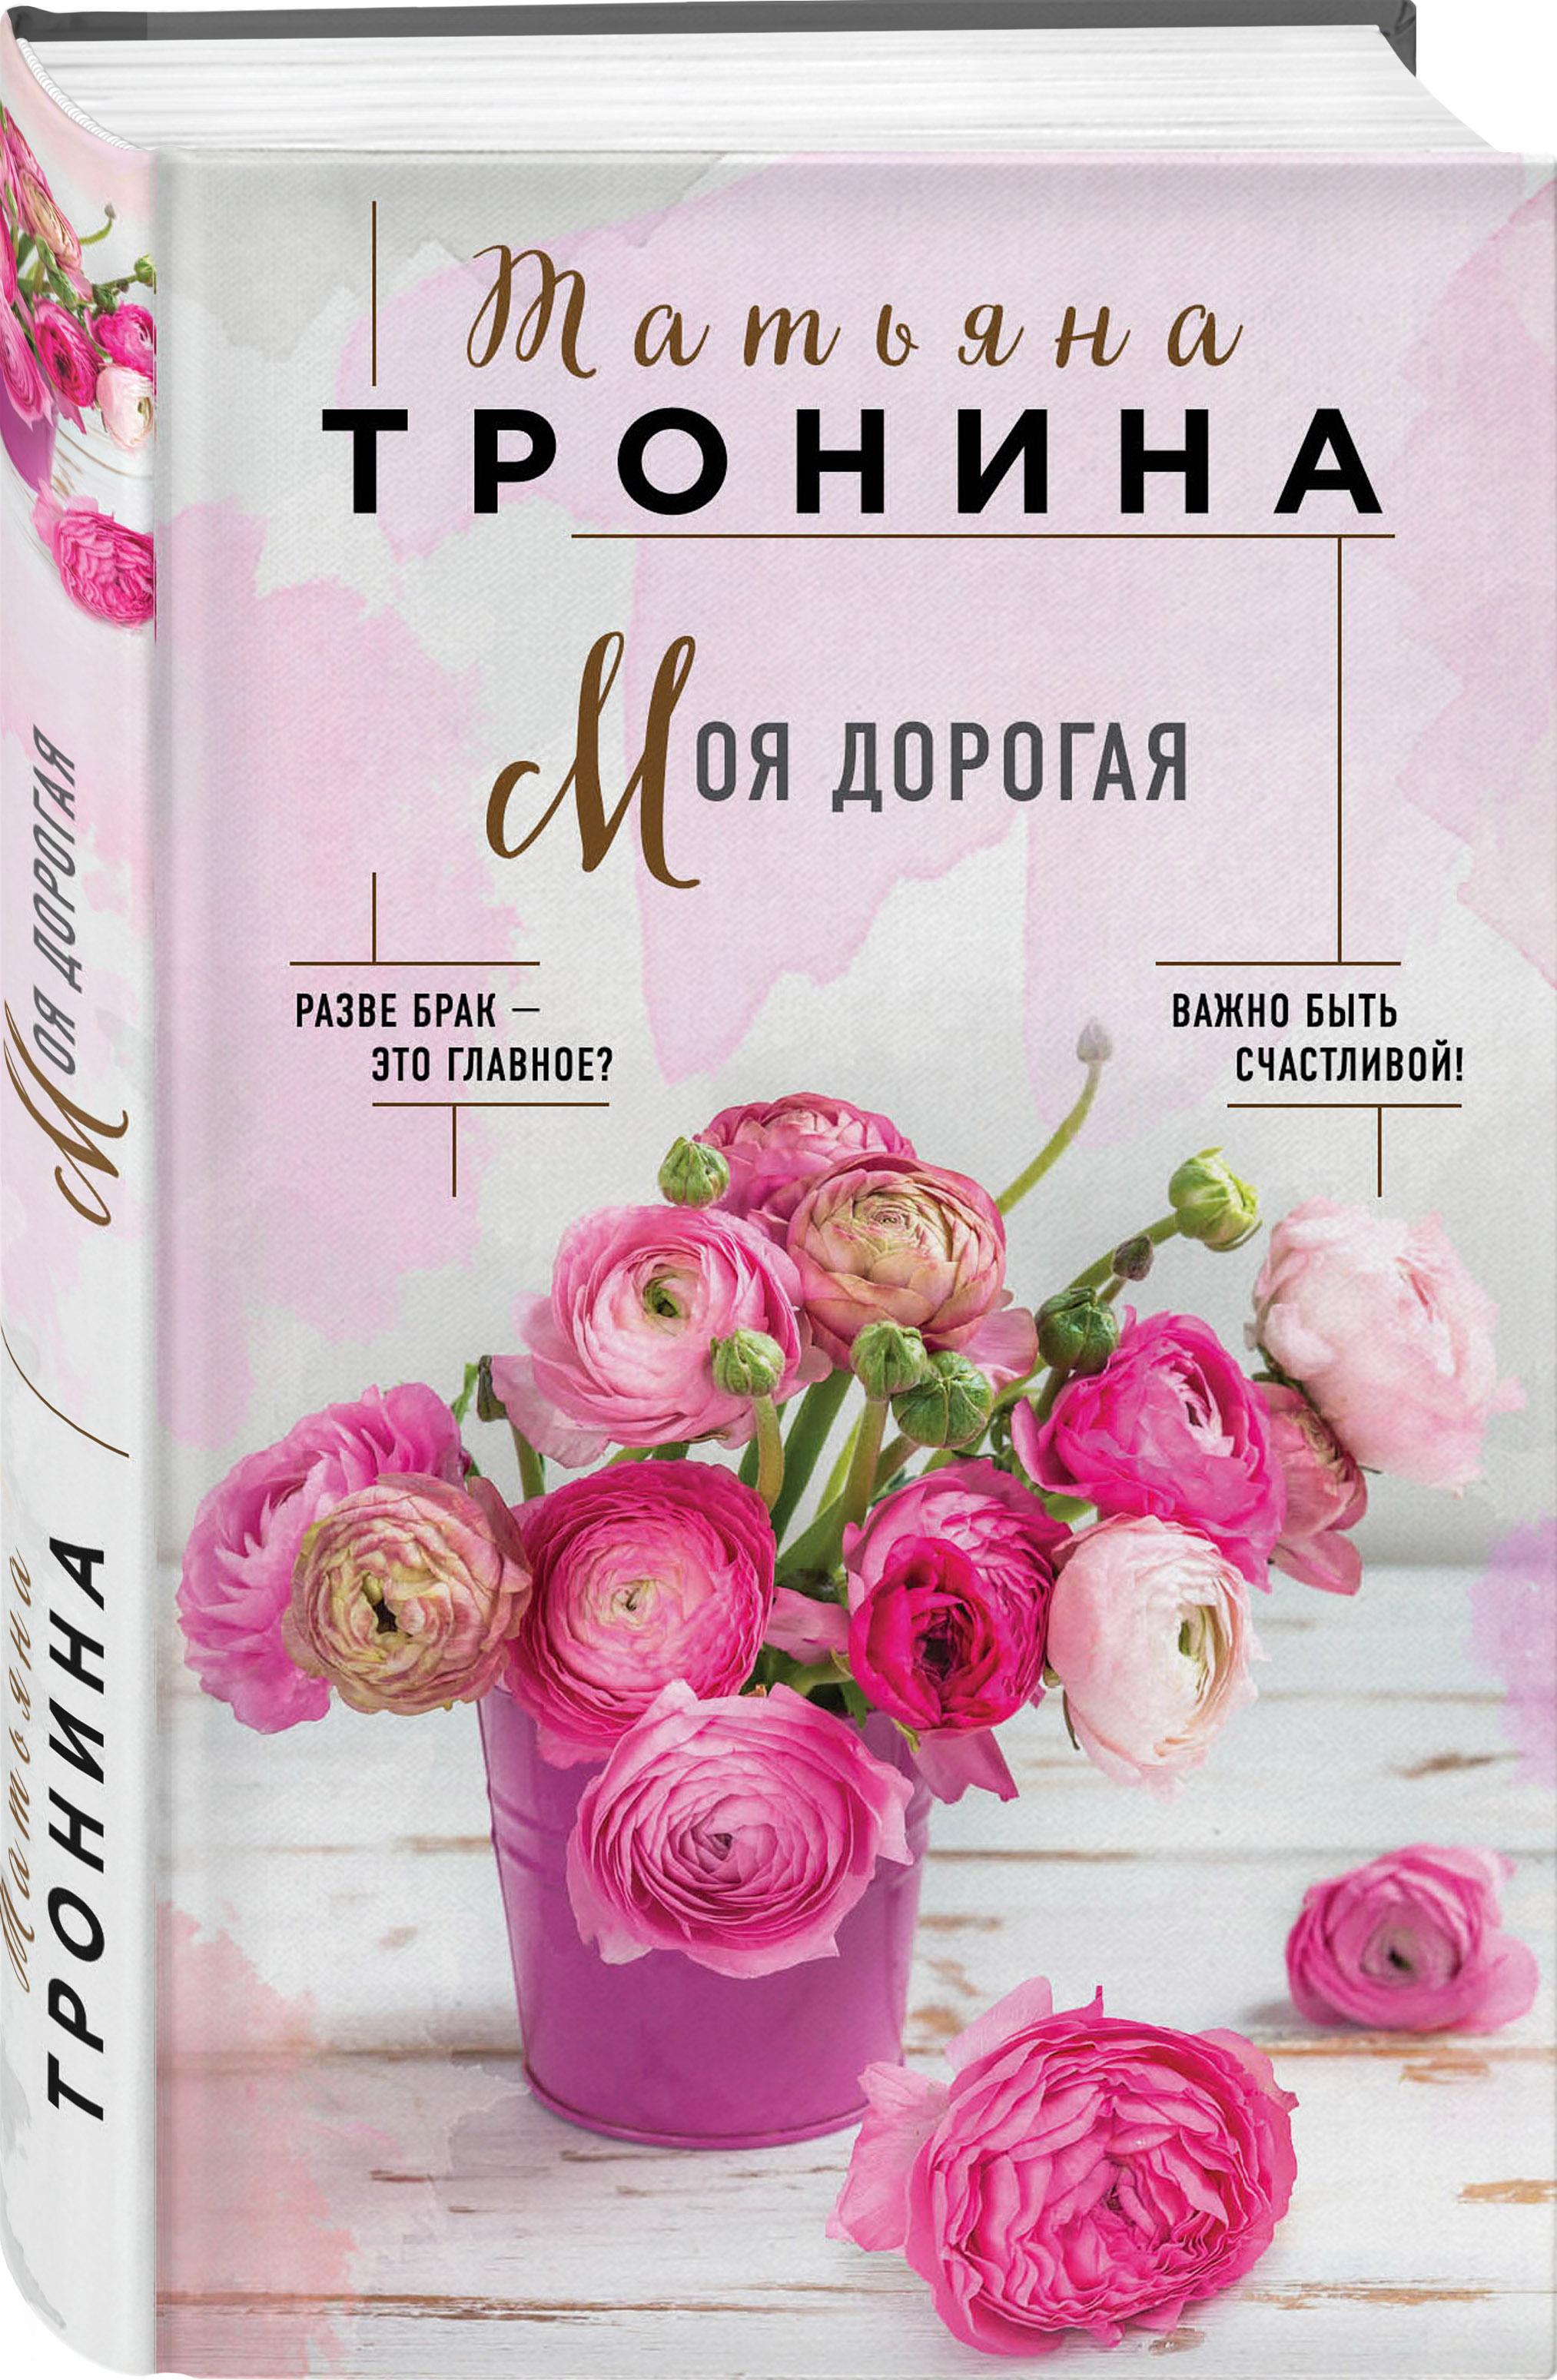 Татьяна Тронина Моя дорогая татьяна тронина белла чао